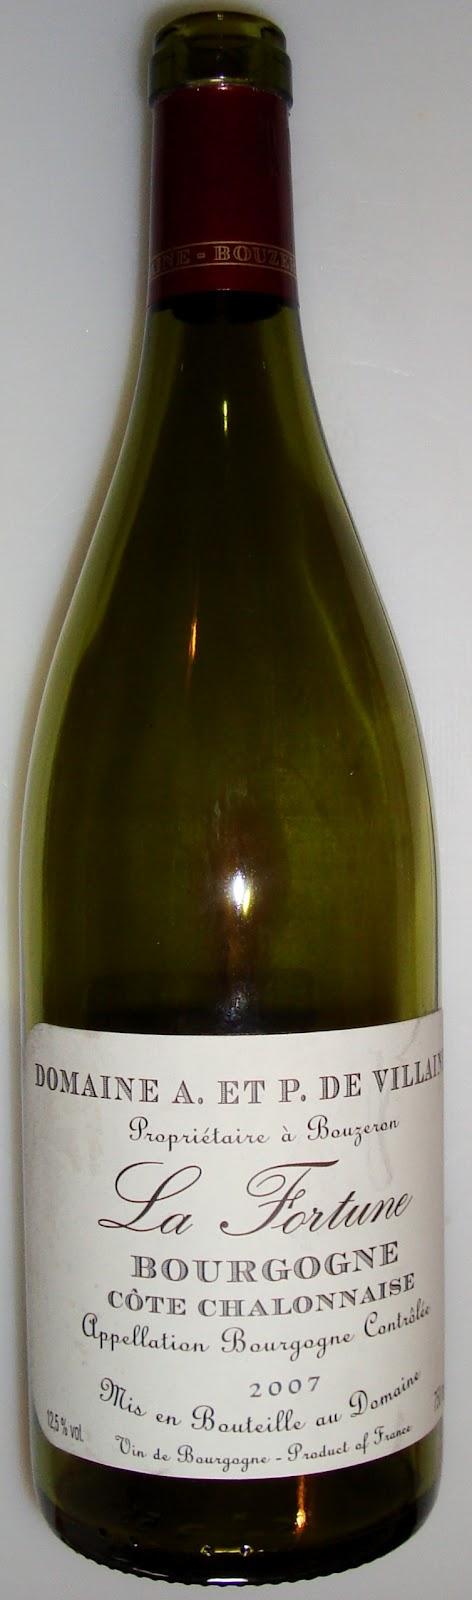 La verdad est en la copa o en plato la fortune 2007 for La fenetre a cote pinot noir 2012